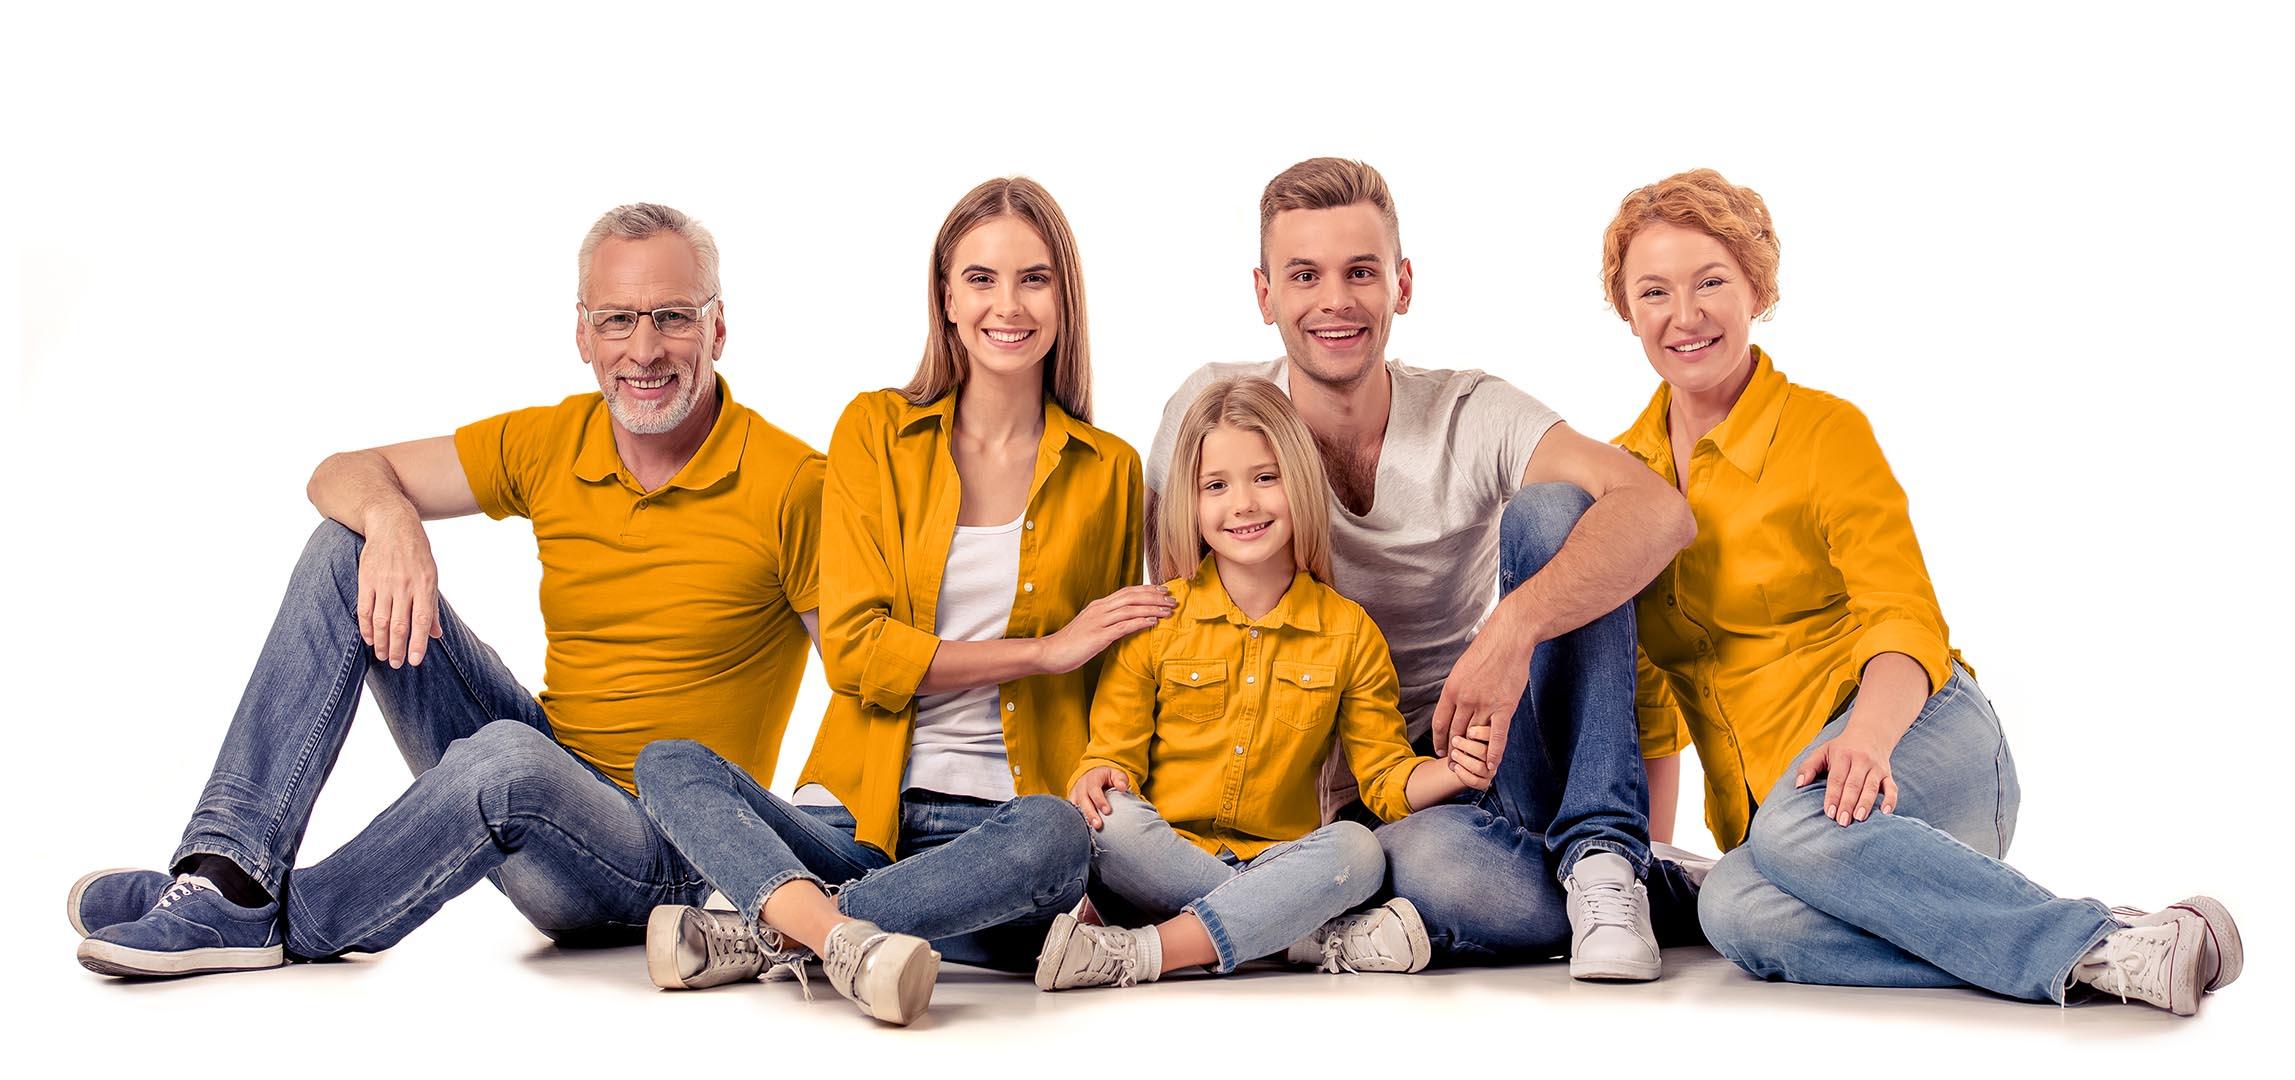 En familj som sitter på golvet med mamma, pappa och tre barn.